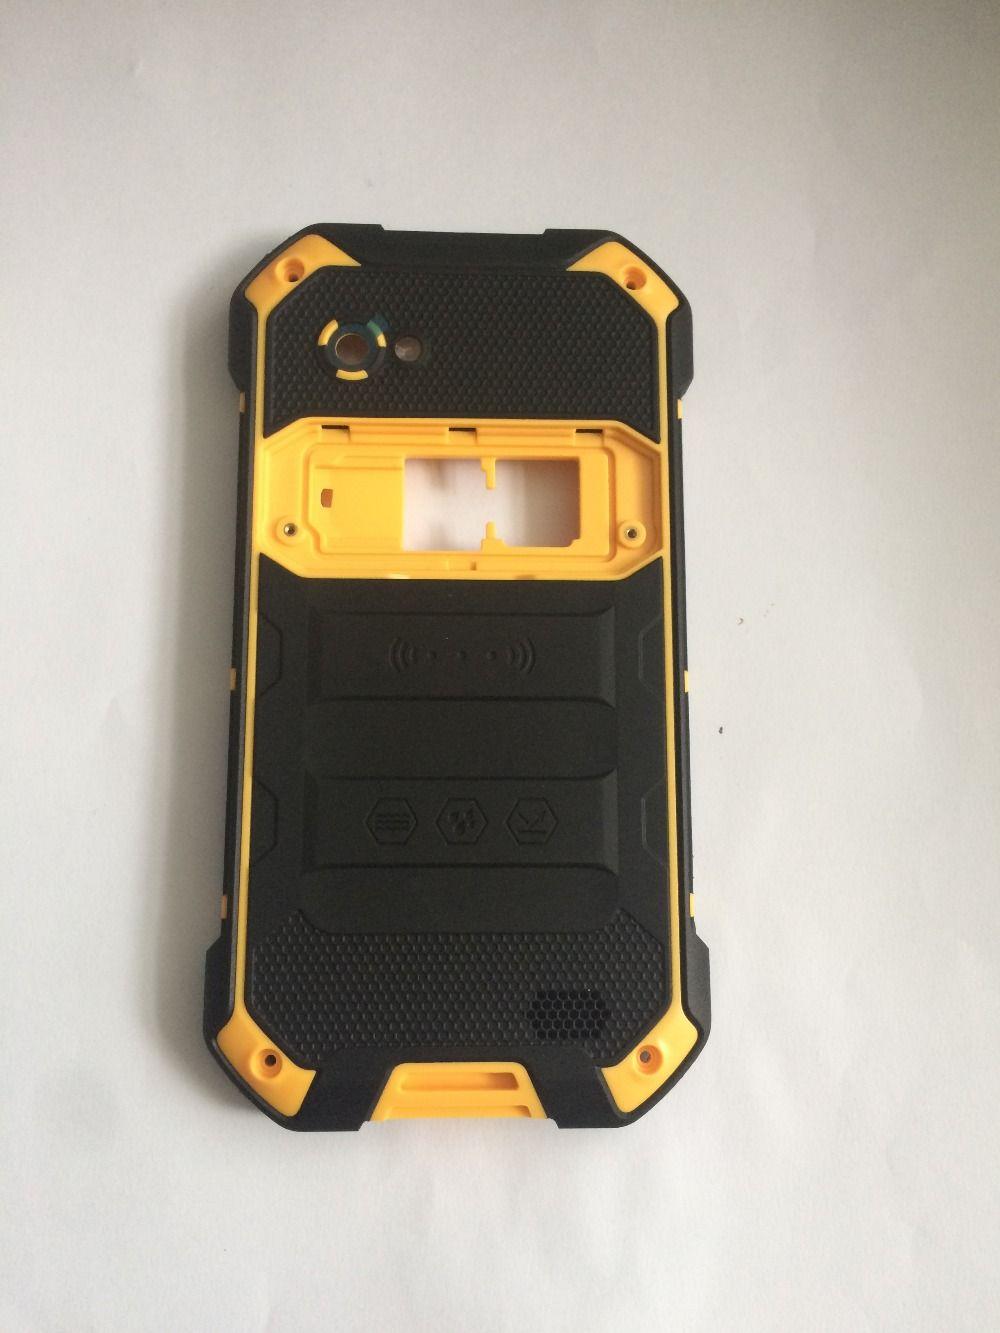 Nouveau Blackview BV6000 couvercle de batterie coque arrière + haut-parleur pour Blackview BV6000S téléphone livraison gratuite + numéro de suivi